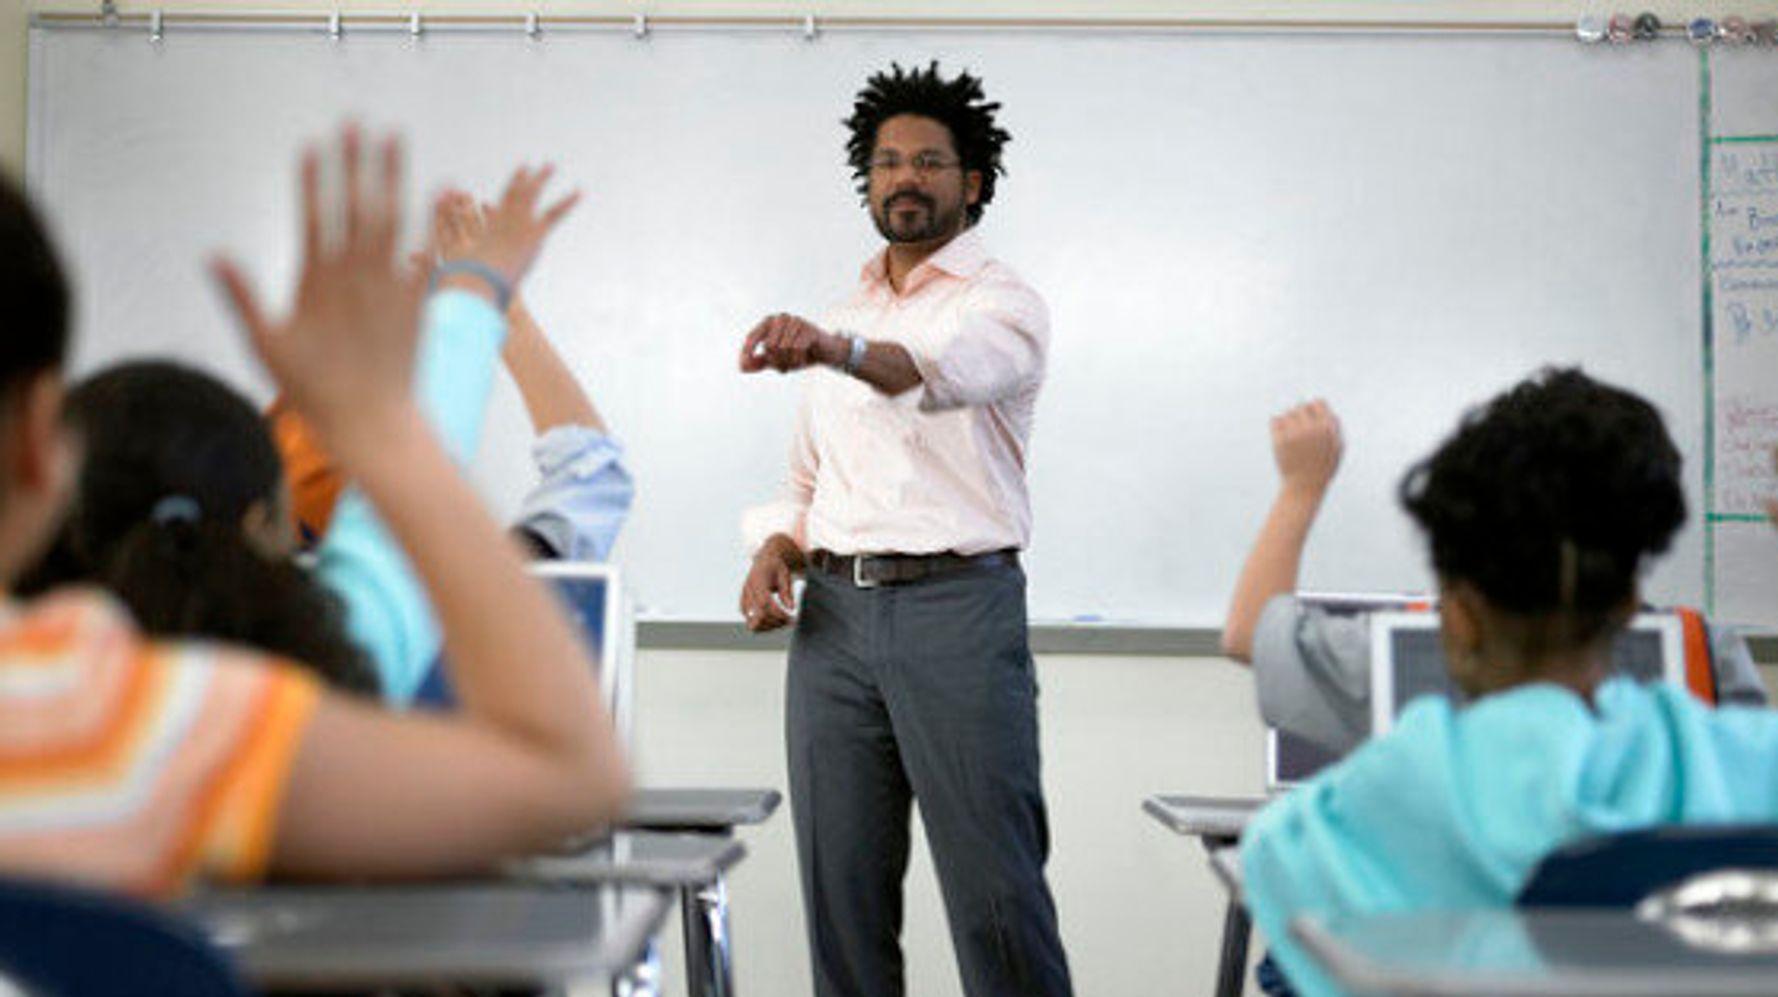 profesor negro gay y con asperger es discriminado en guayaquil ecuador - diario el diverso ecuador